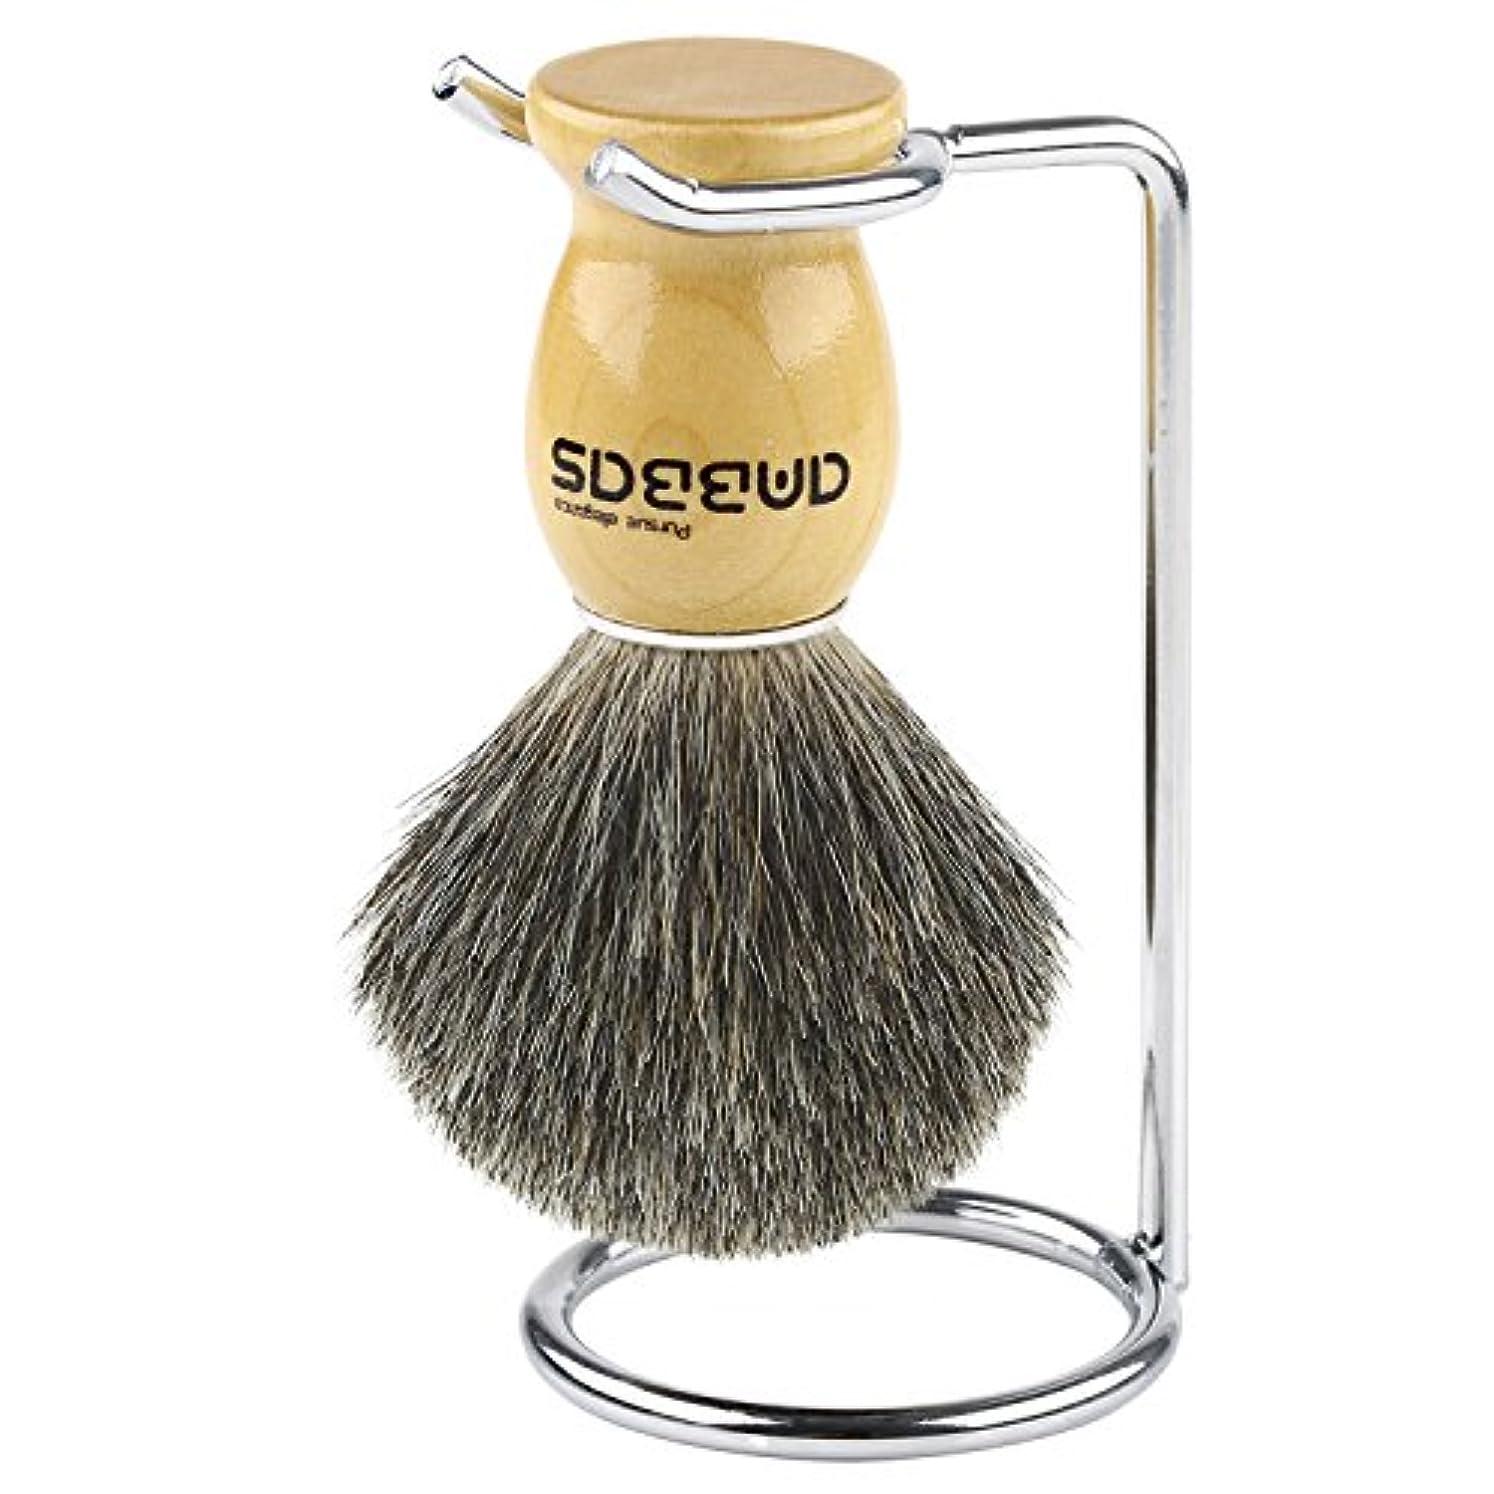 燃やす初期の土Anbbas シェービングブラシセット アナグマ毛 ブラシ+スタンド 2点セット メンズ 髭剃り 泡立ち 洗顔ブラシ